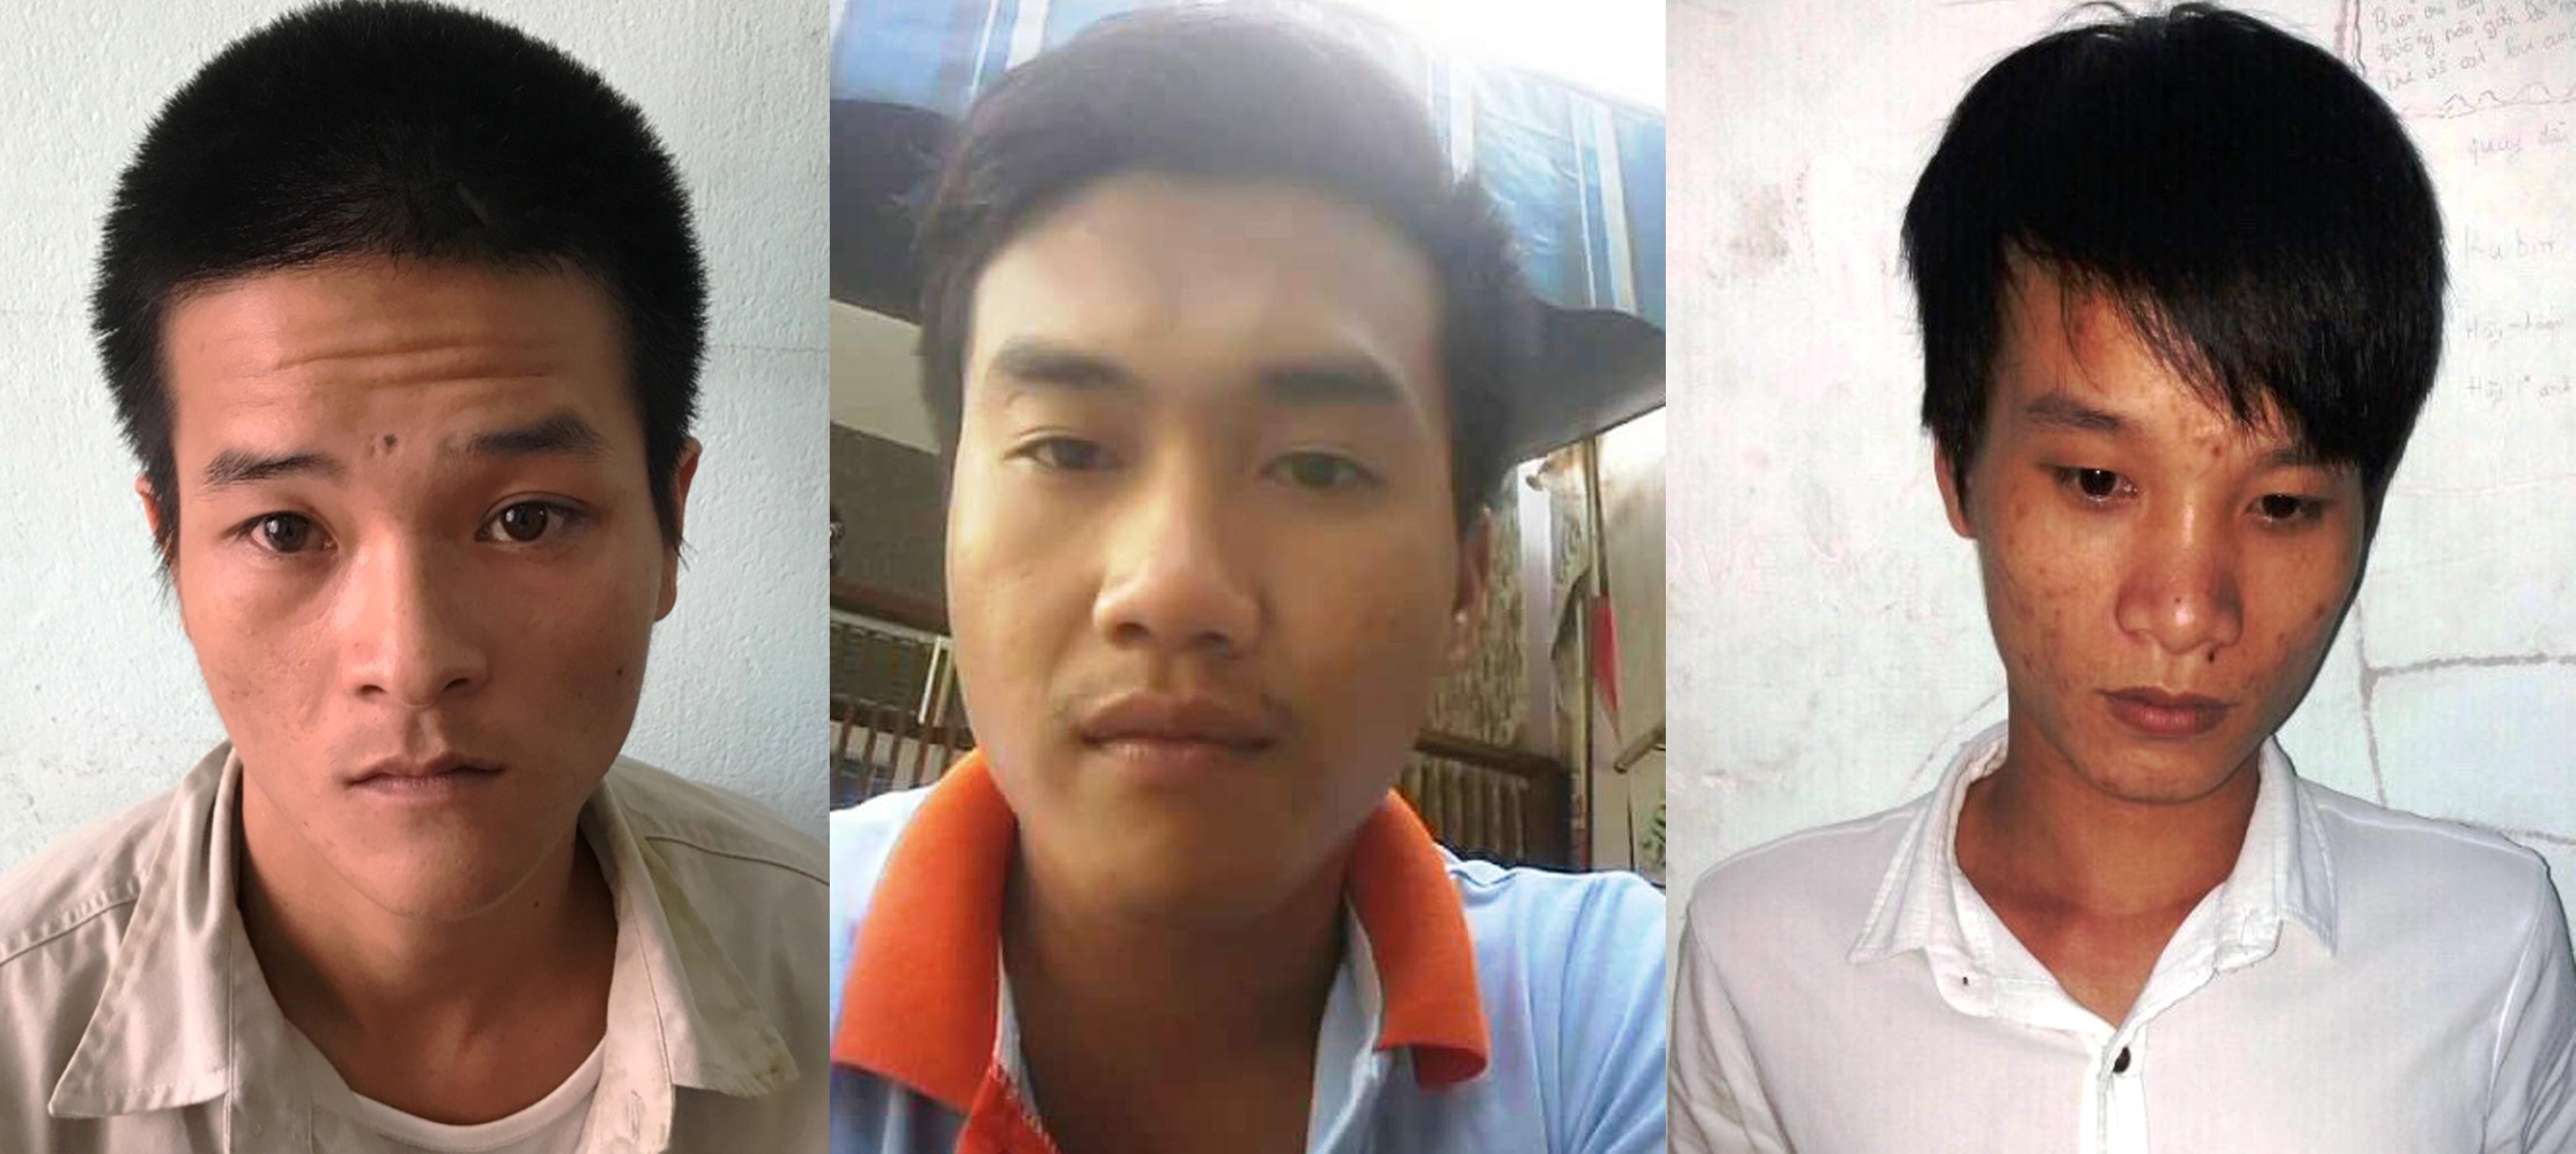 Đà Nẵng: Thấy cô gái ngồi một mình ở phòng khách, nam thanh niên xông vào cướp giật điện thoại